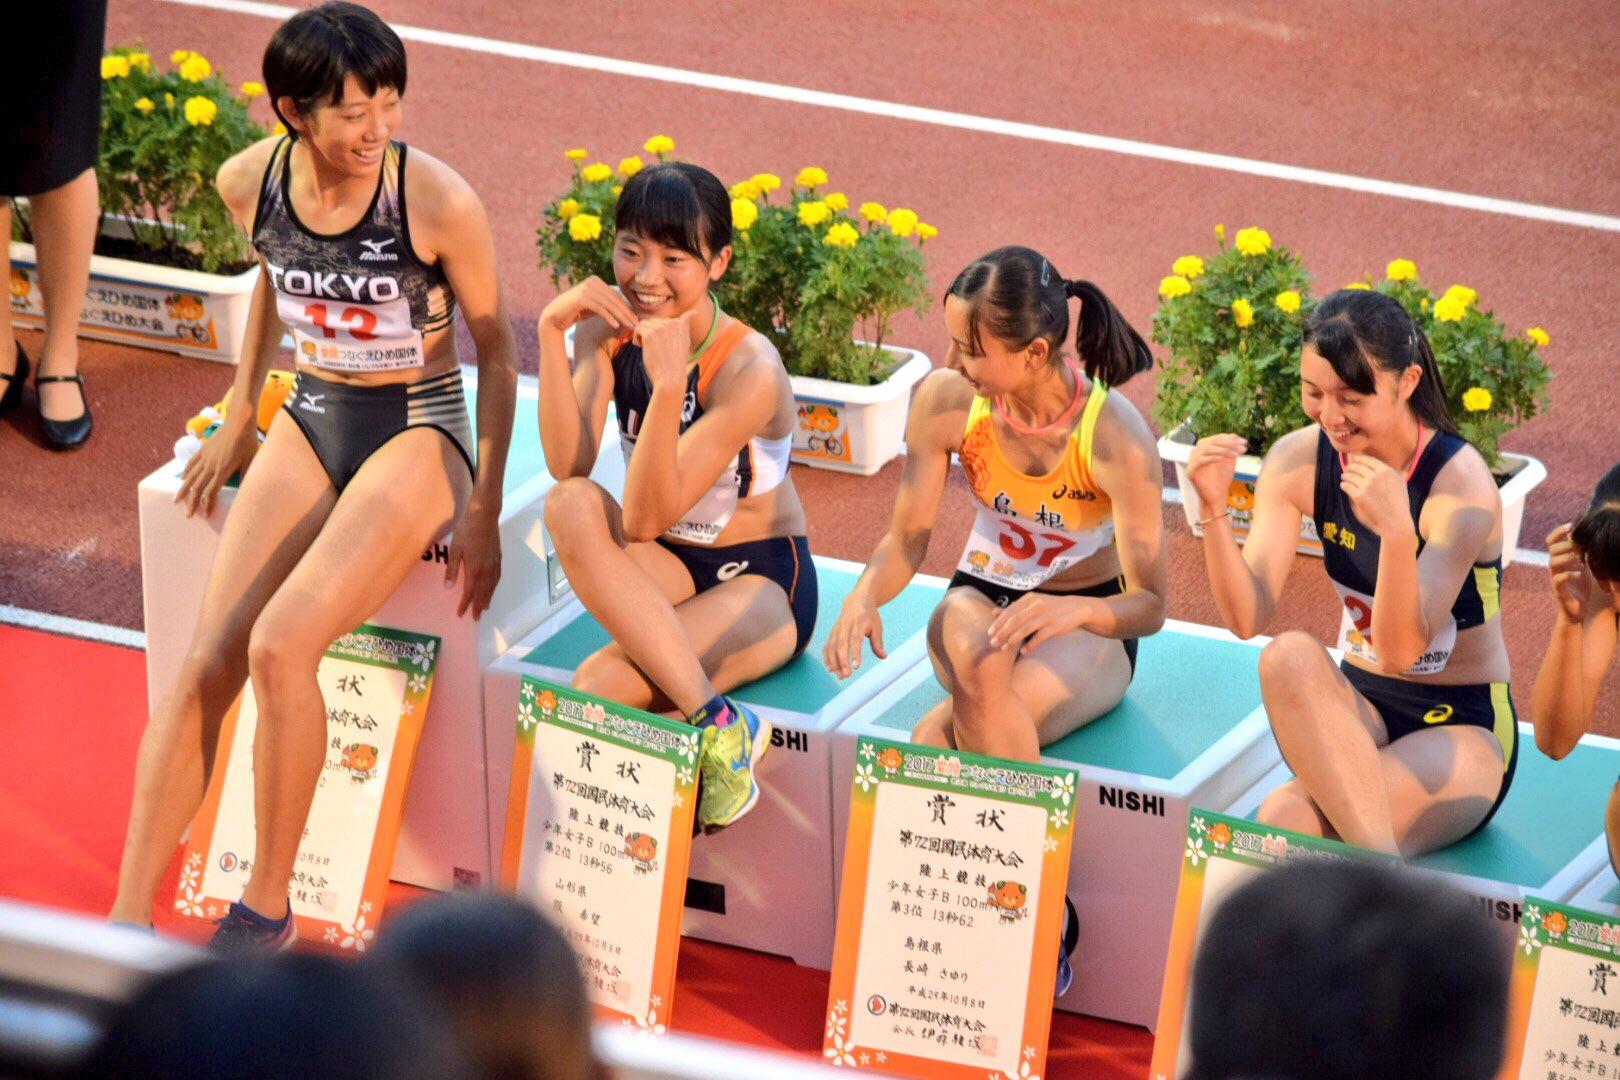 長崎さゆり選手特集 島根県が誇る